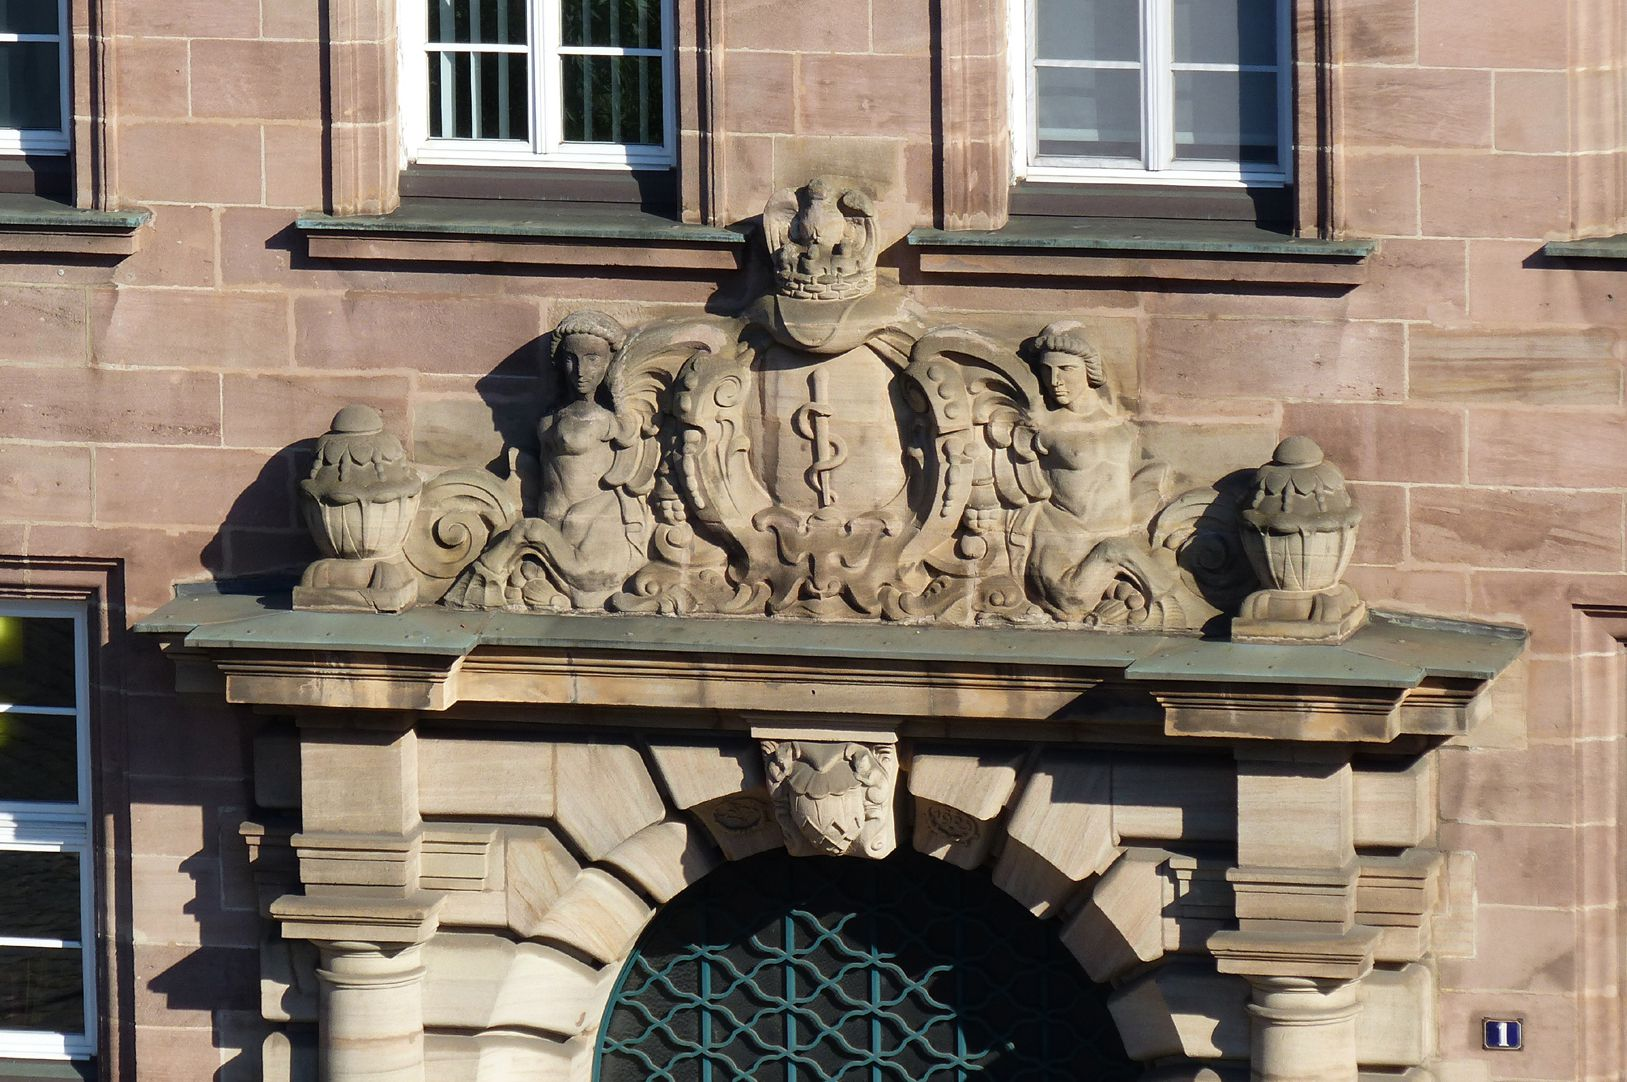 ehemalige Allgemeine Ortskrankenkasse Bekrönung des Hauptportals mit Aeskulap-Wappen